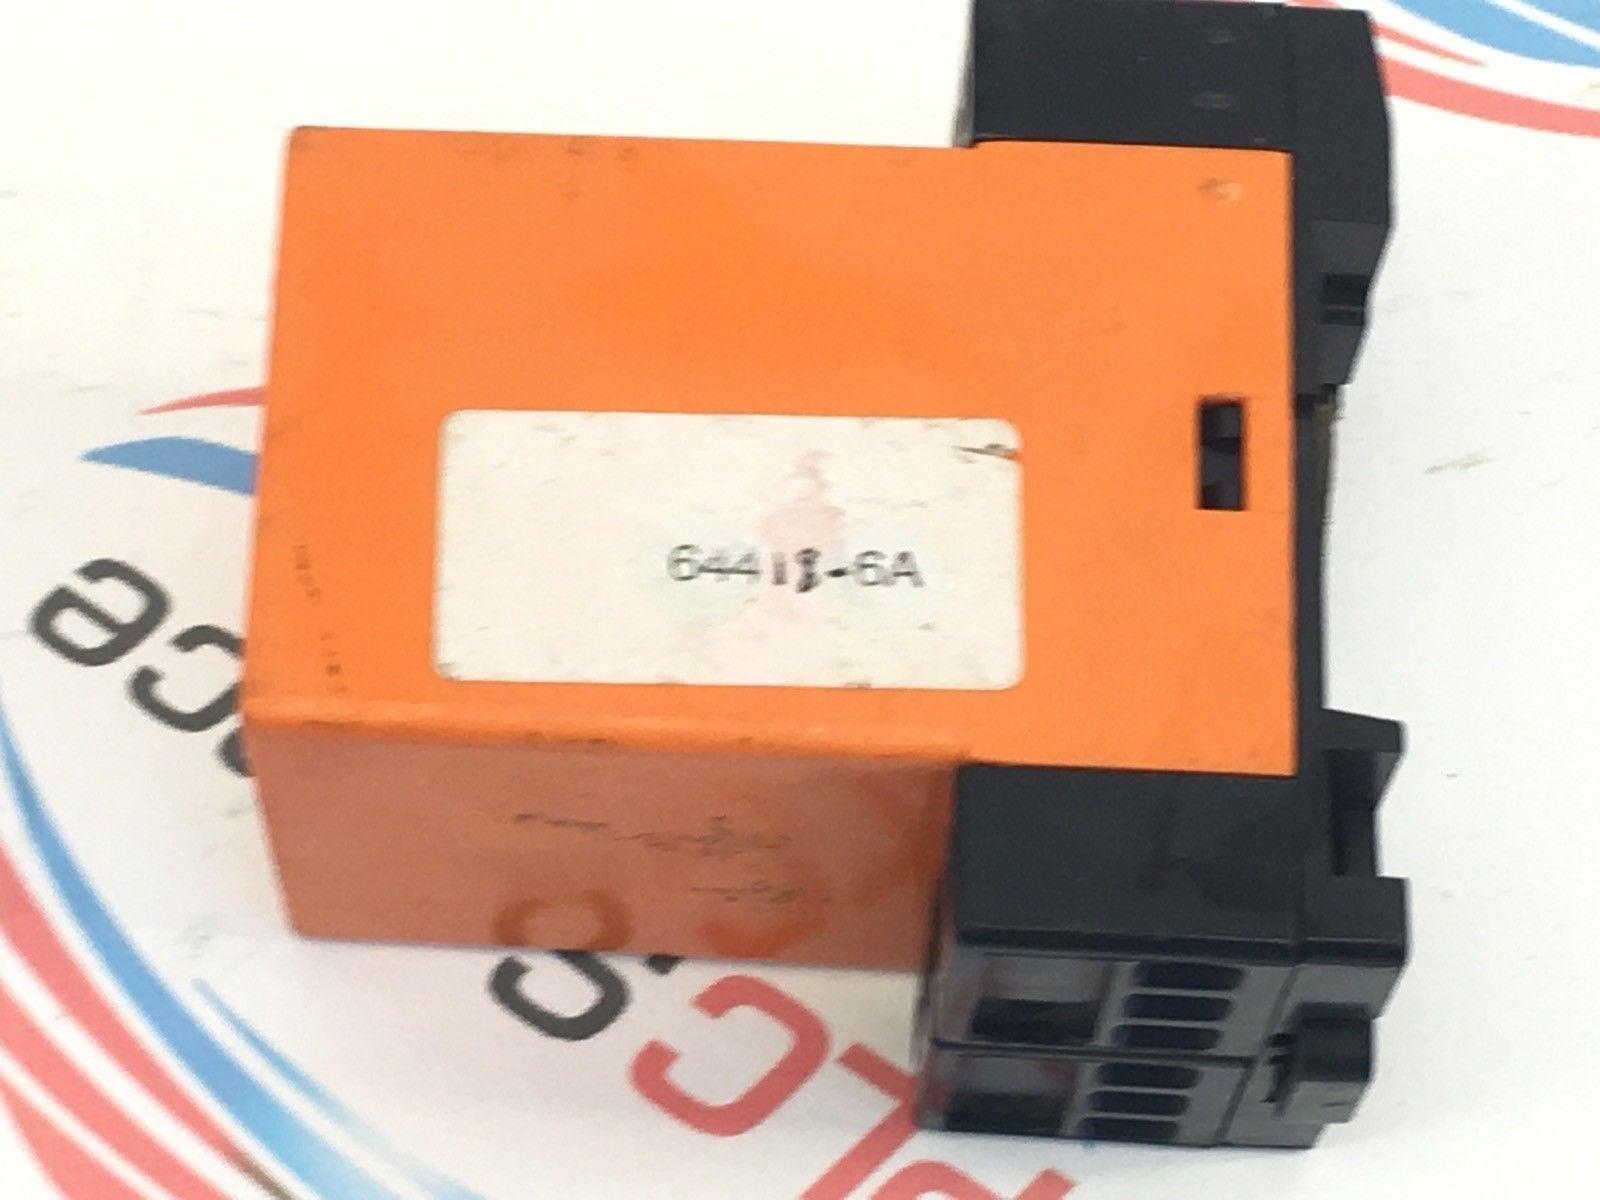 Details about  /Per Sws Securoglide Pdt Rullo Ricambio Ricevitore Kit Aggiornamento con Nuovo